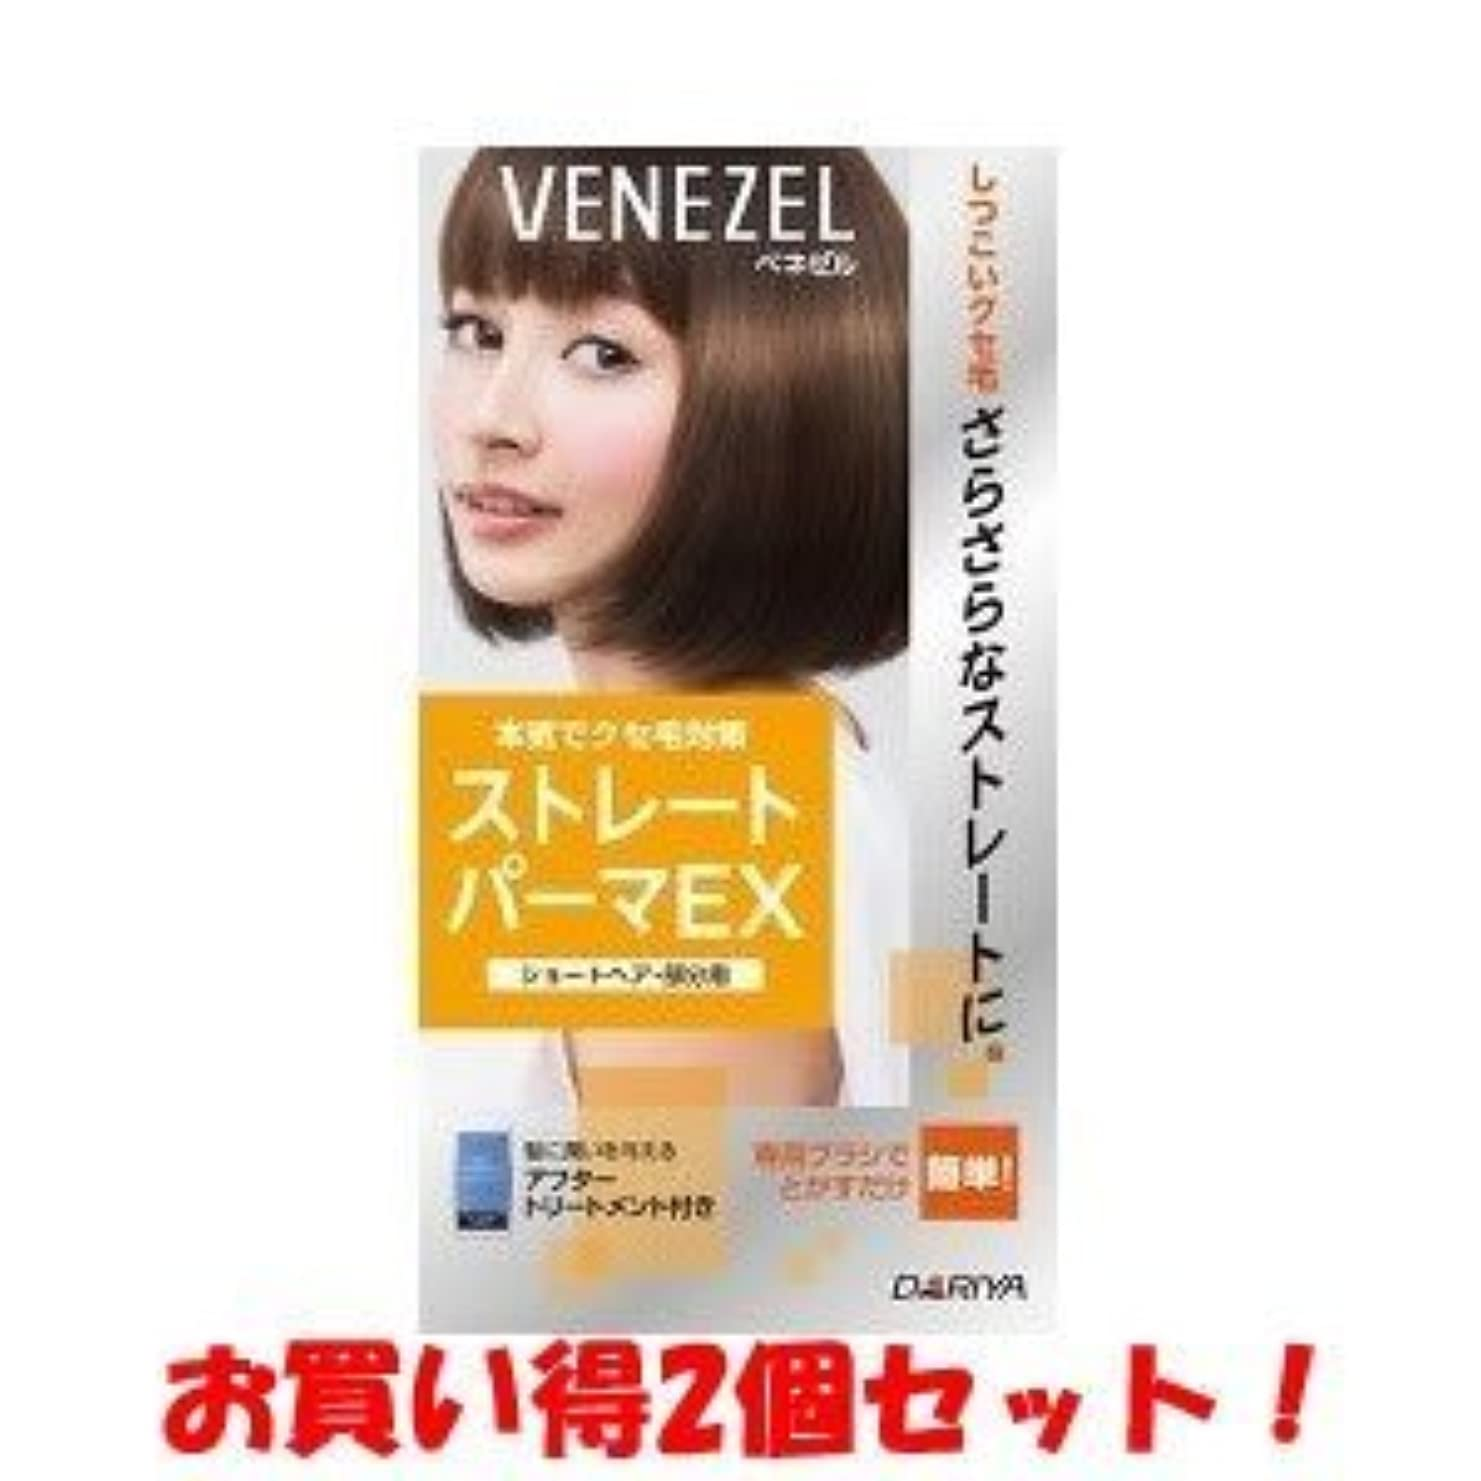 分岐するレンジ酒(ダリヤ)ベネゼル ストレートパーマEX ショートヘア?部分用 1セット(医薬部外品)(お買い得2個セット)